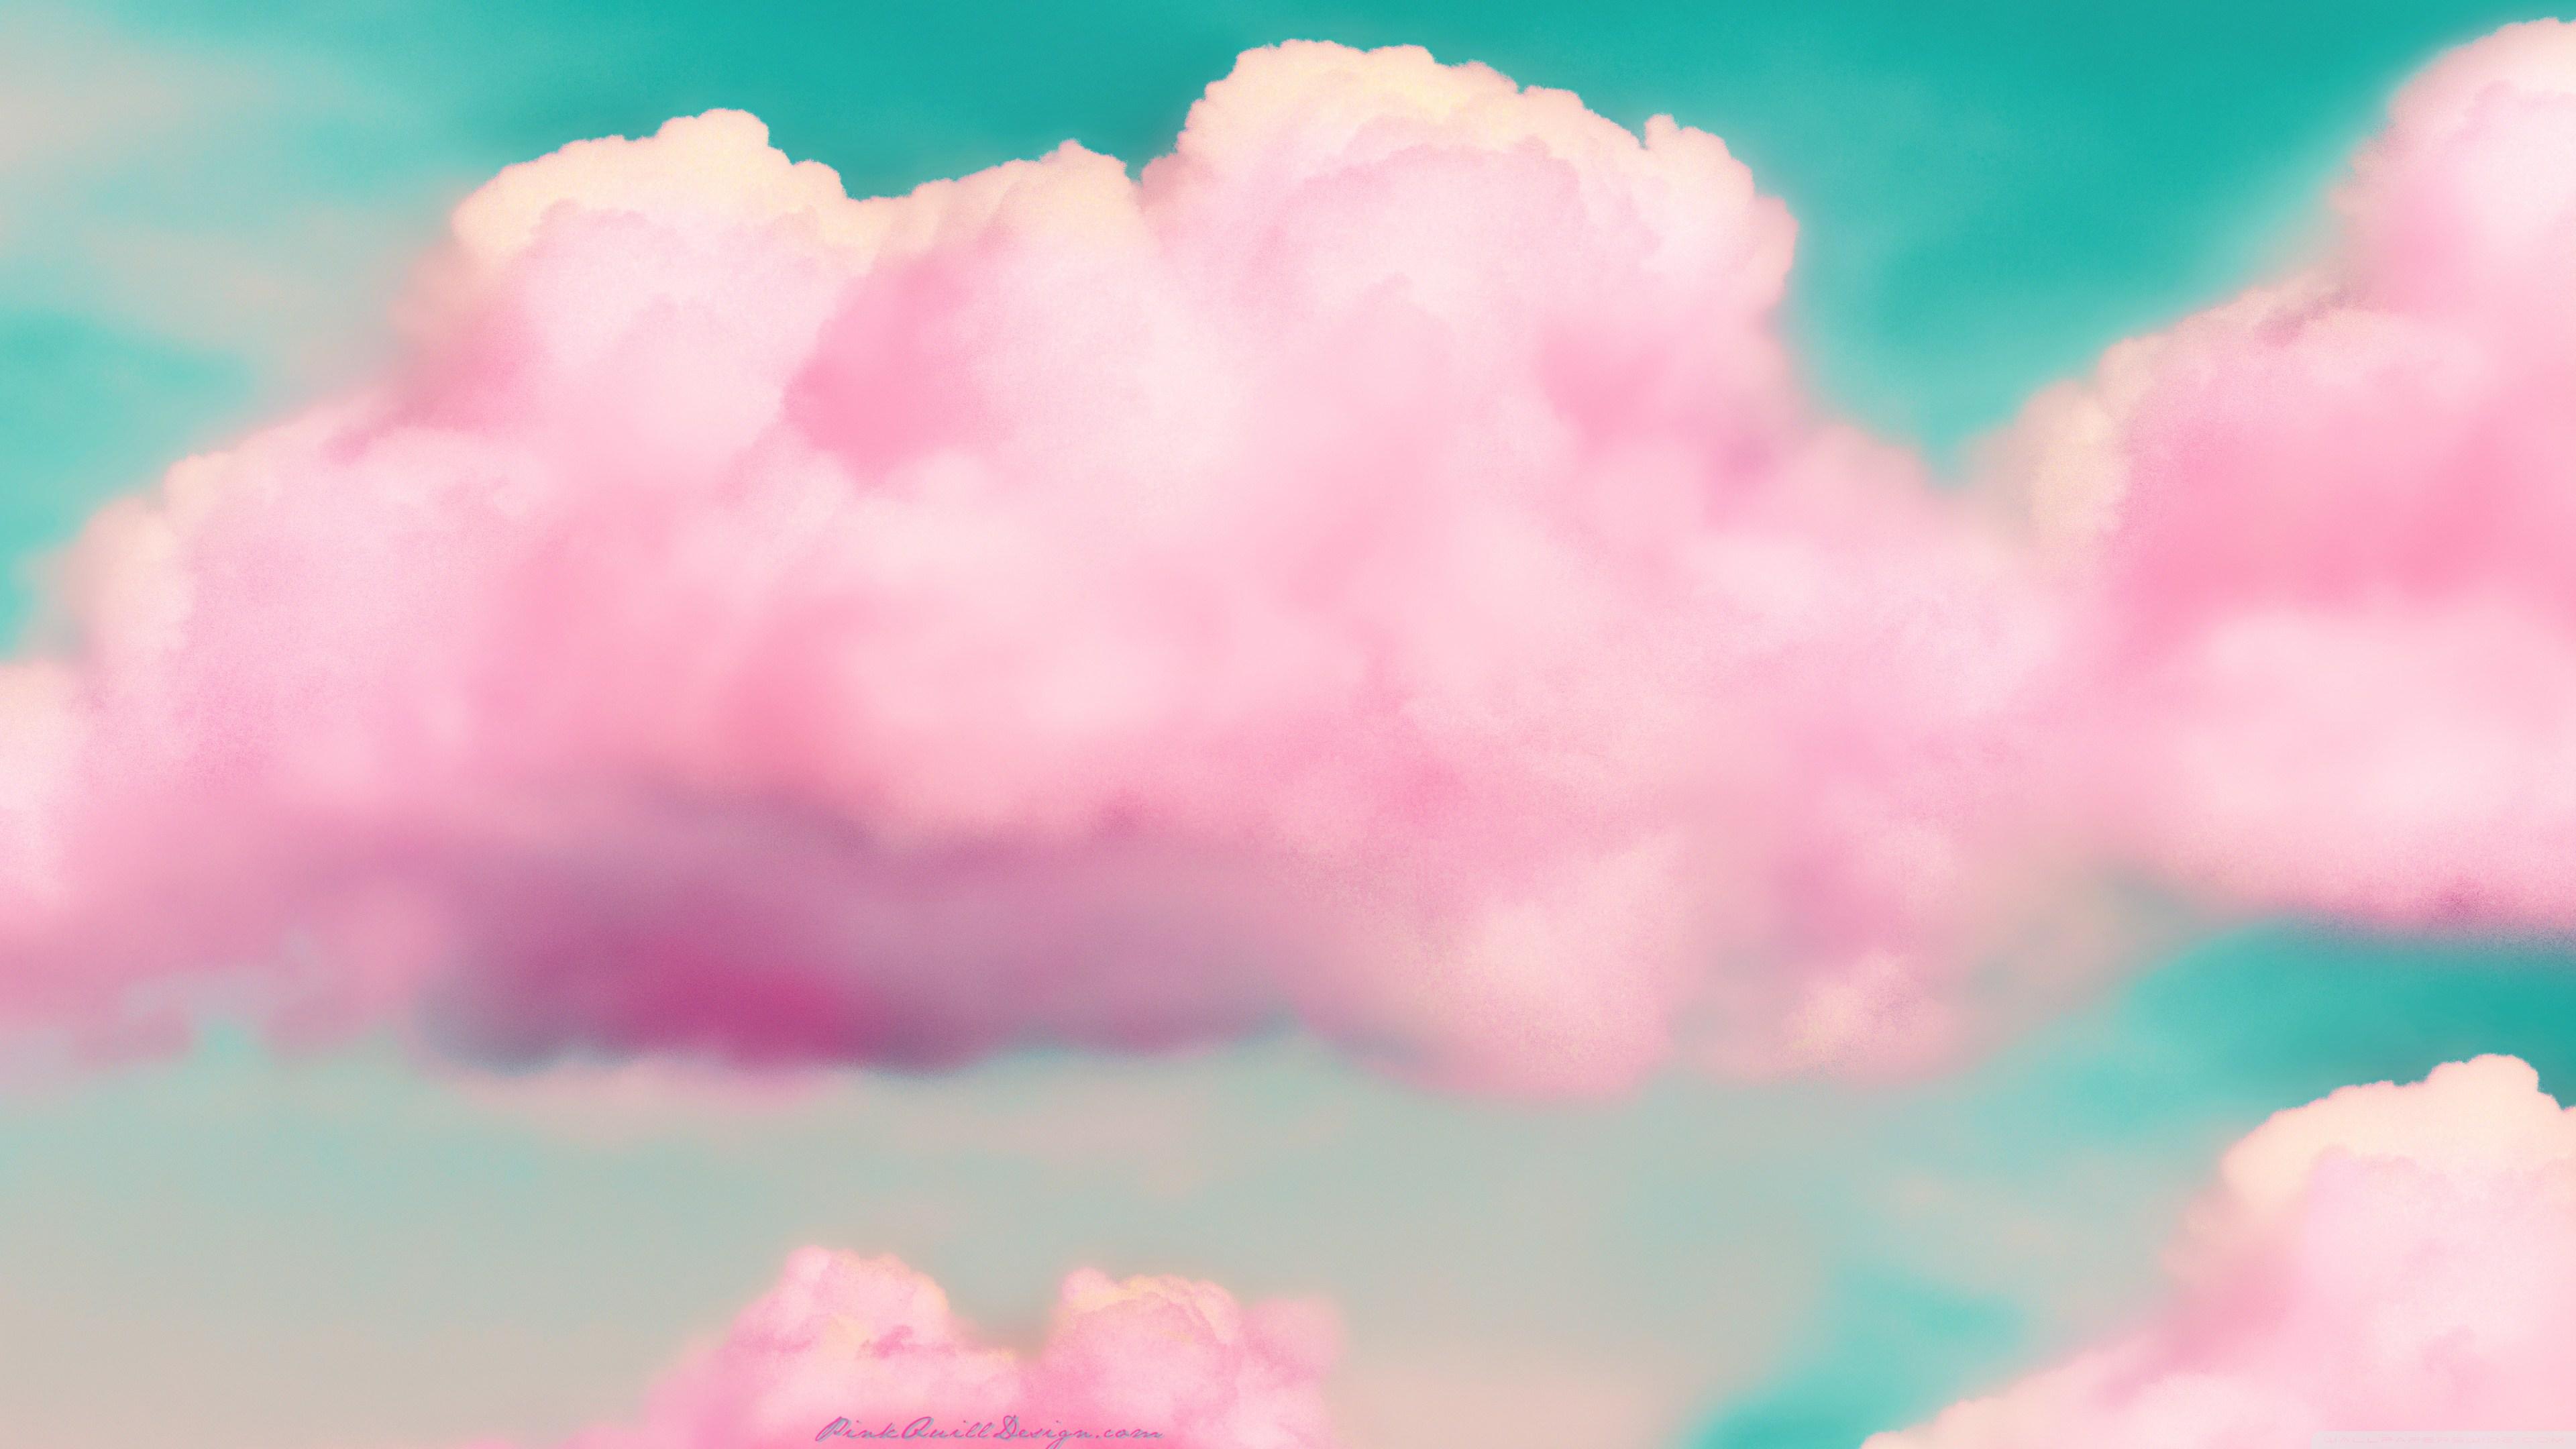 clouds 3d effect wallpaper 38402160 [3840 x 2160] Wallpapers 3840x2160